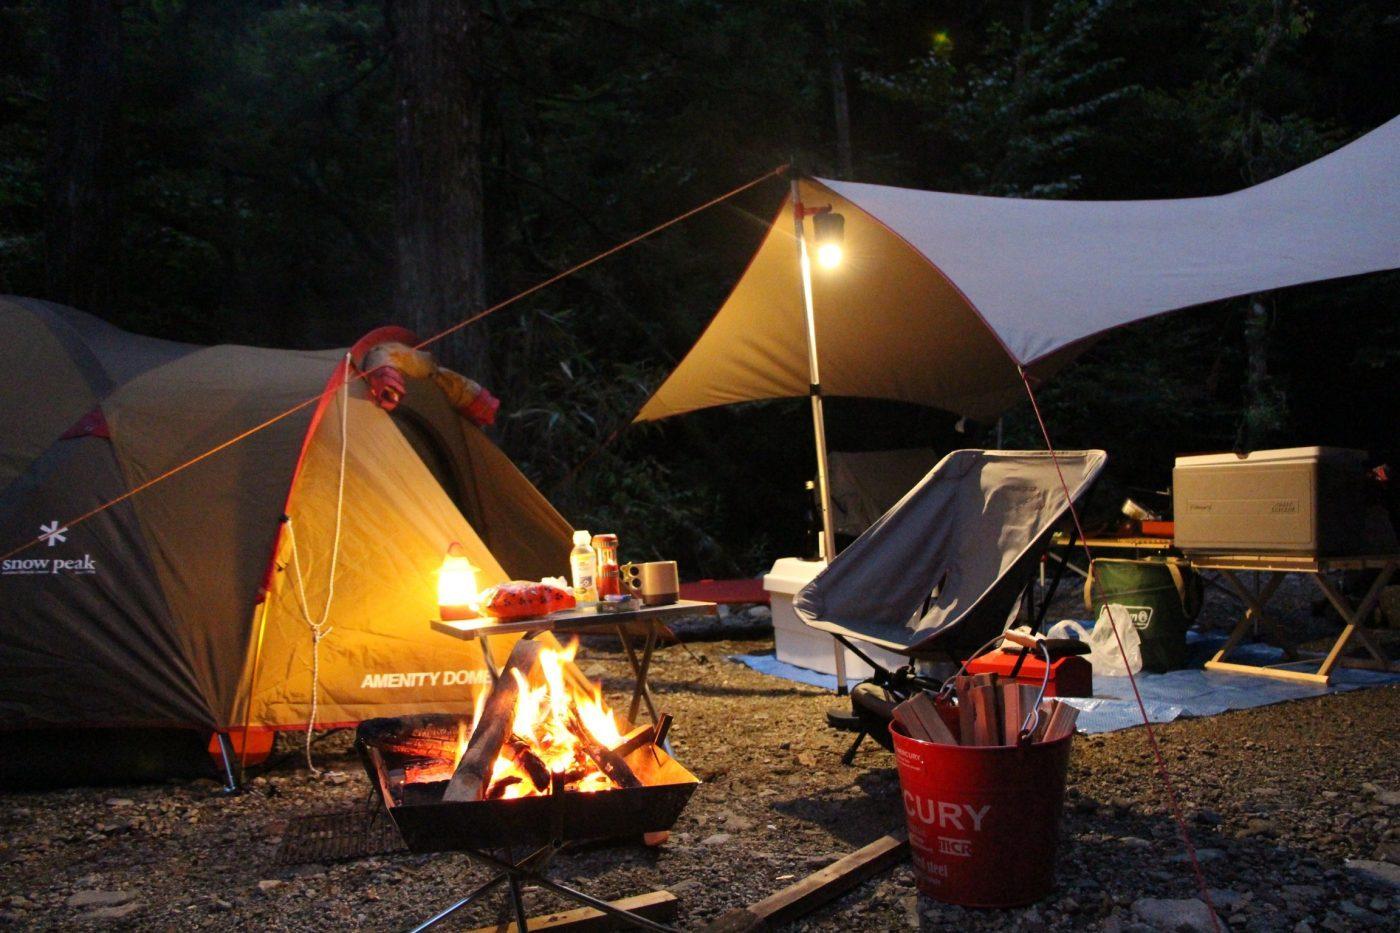 【キャンプの安全】夏キャンプの熱中症のリスク。